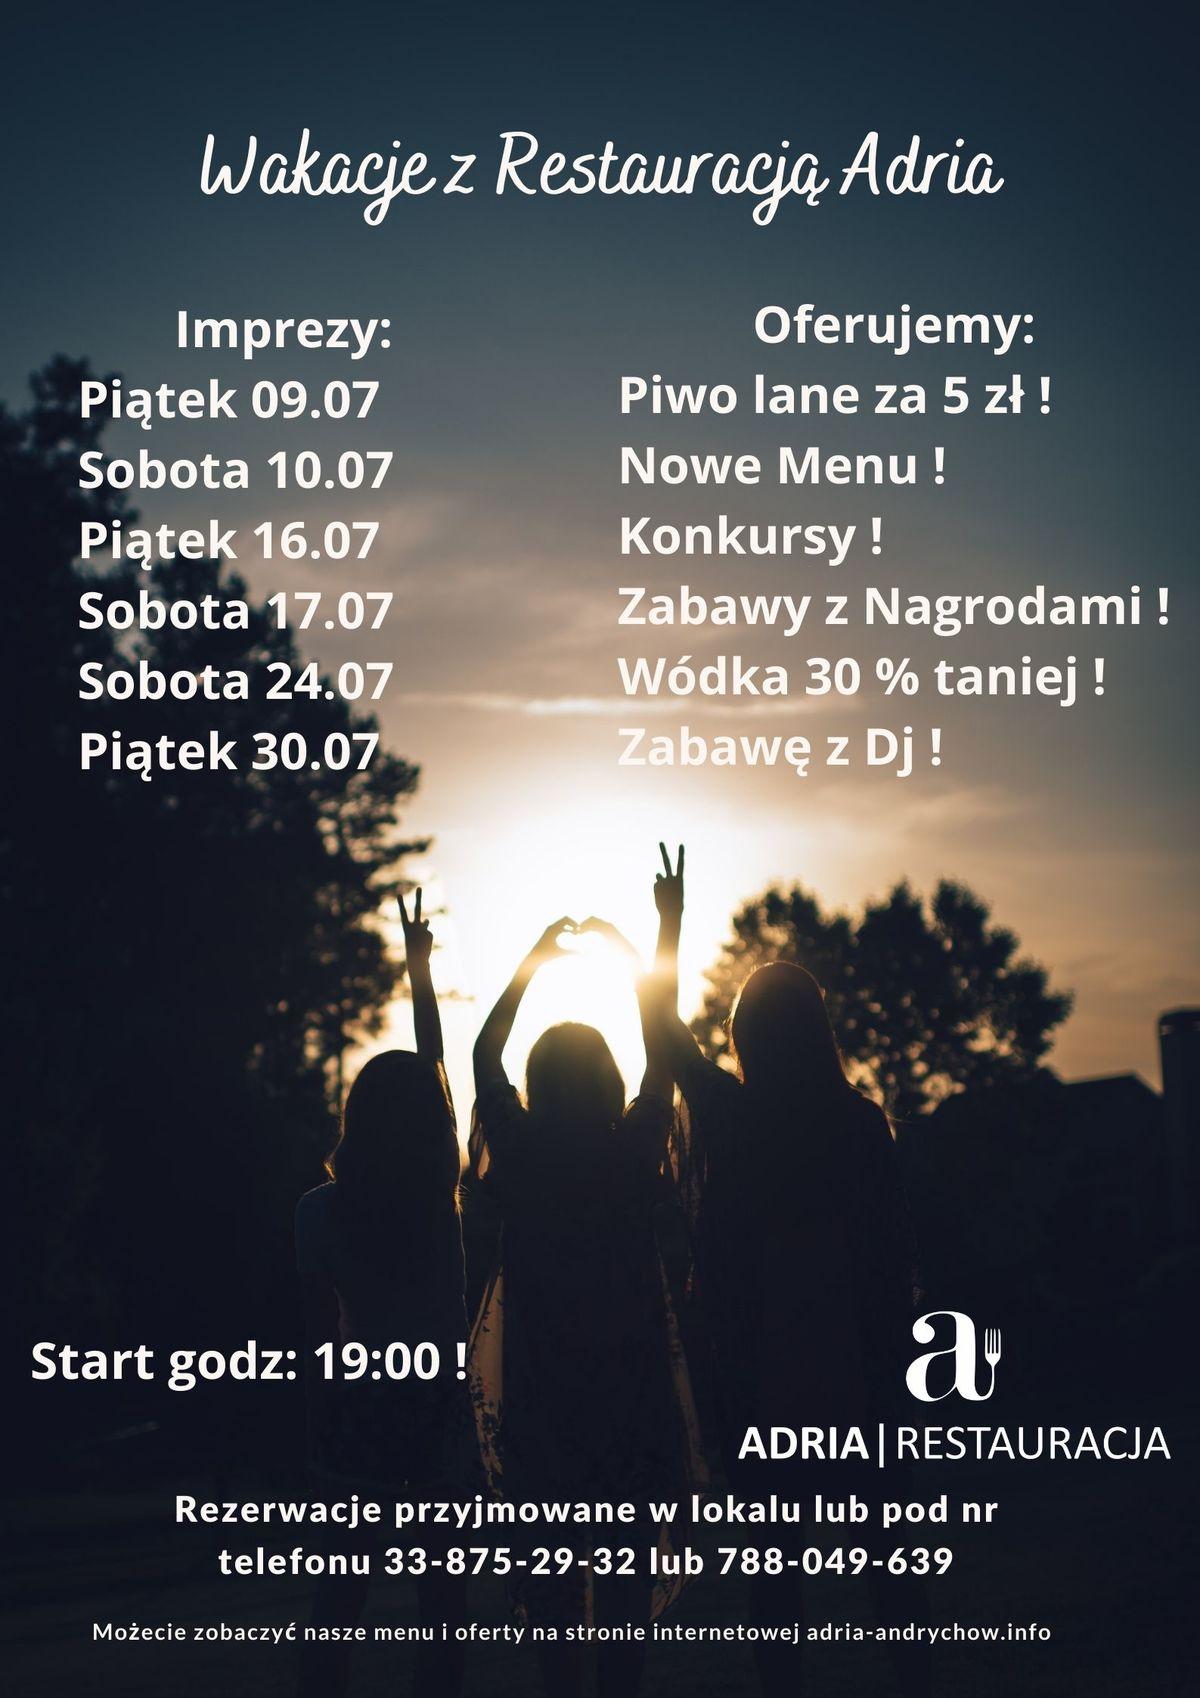 Wakacyjne imprezy w restauracja ADRIA w Andrychowie